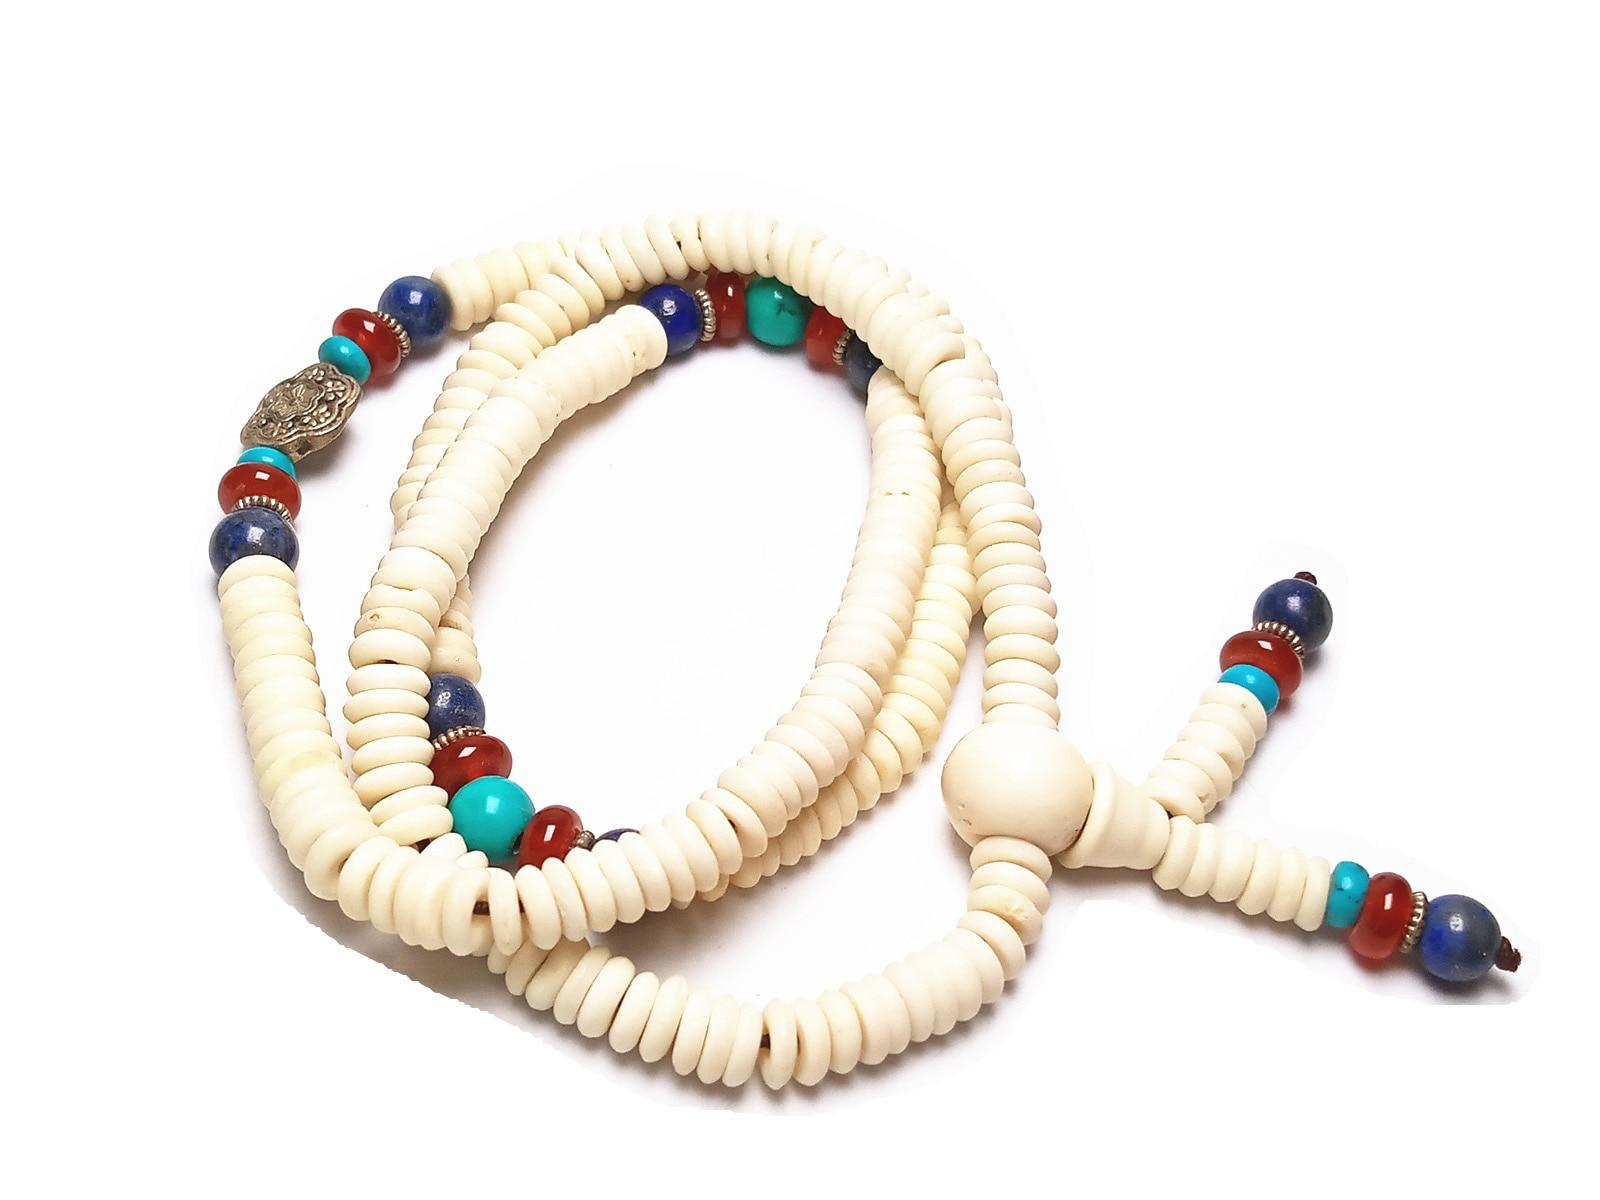 Koraba Vintage Silver Natural Bovine Bone Elastic Bracelet  Boho JewelryKoraba Vintage Silver Natural Bovine Bone Elastic Bracelet  Boho Jewelry